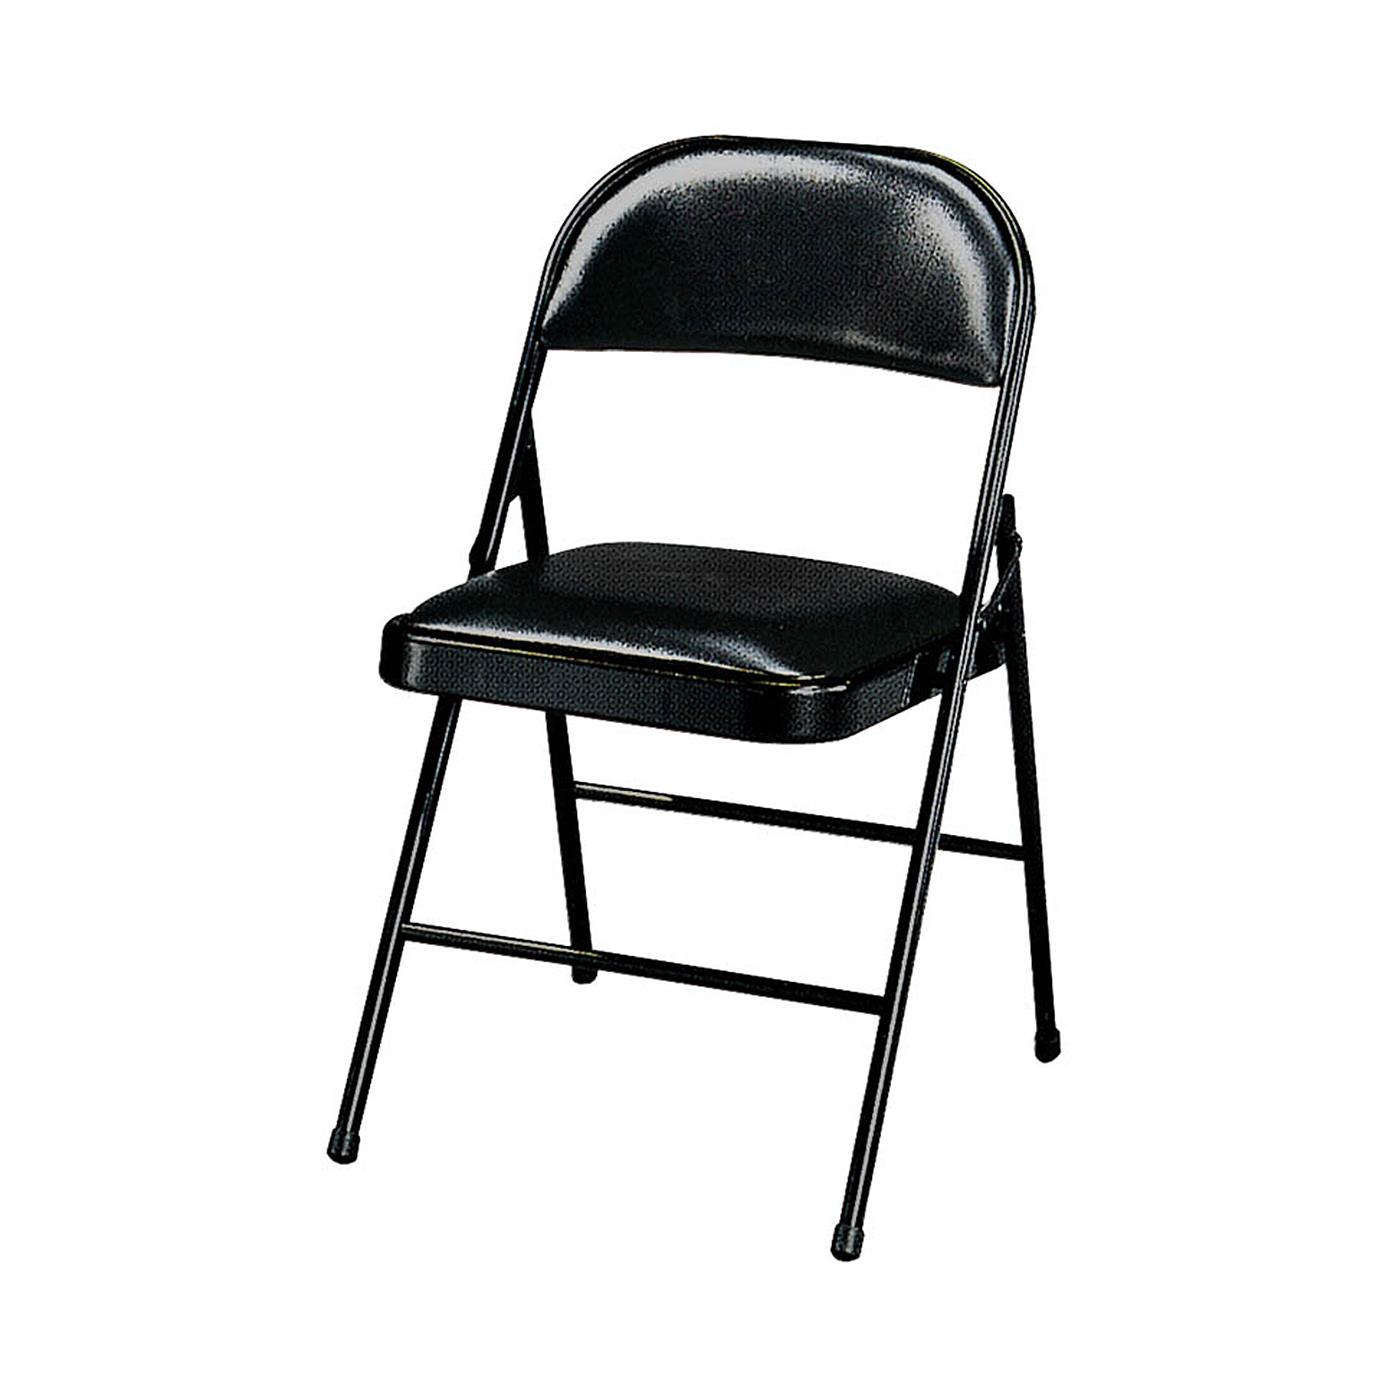 【森可家居】橋牌椅(黑色) 6JX678-8